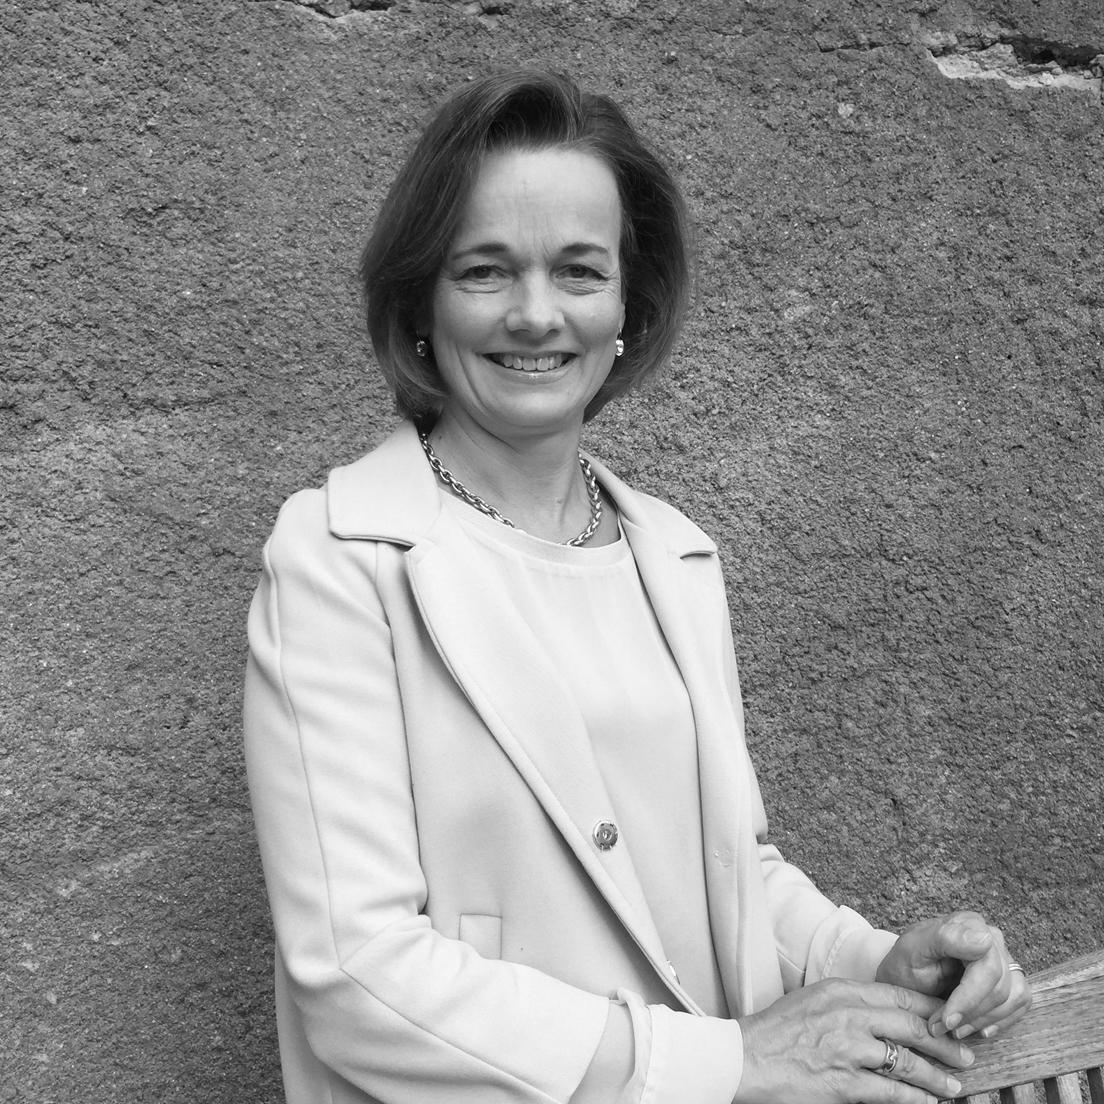 Marika Rindborg Holmgren